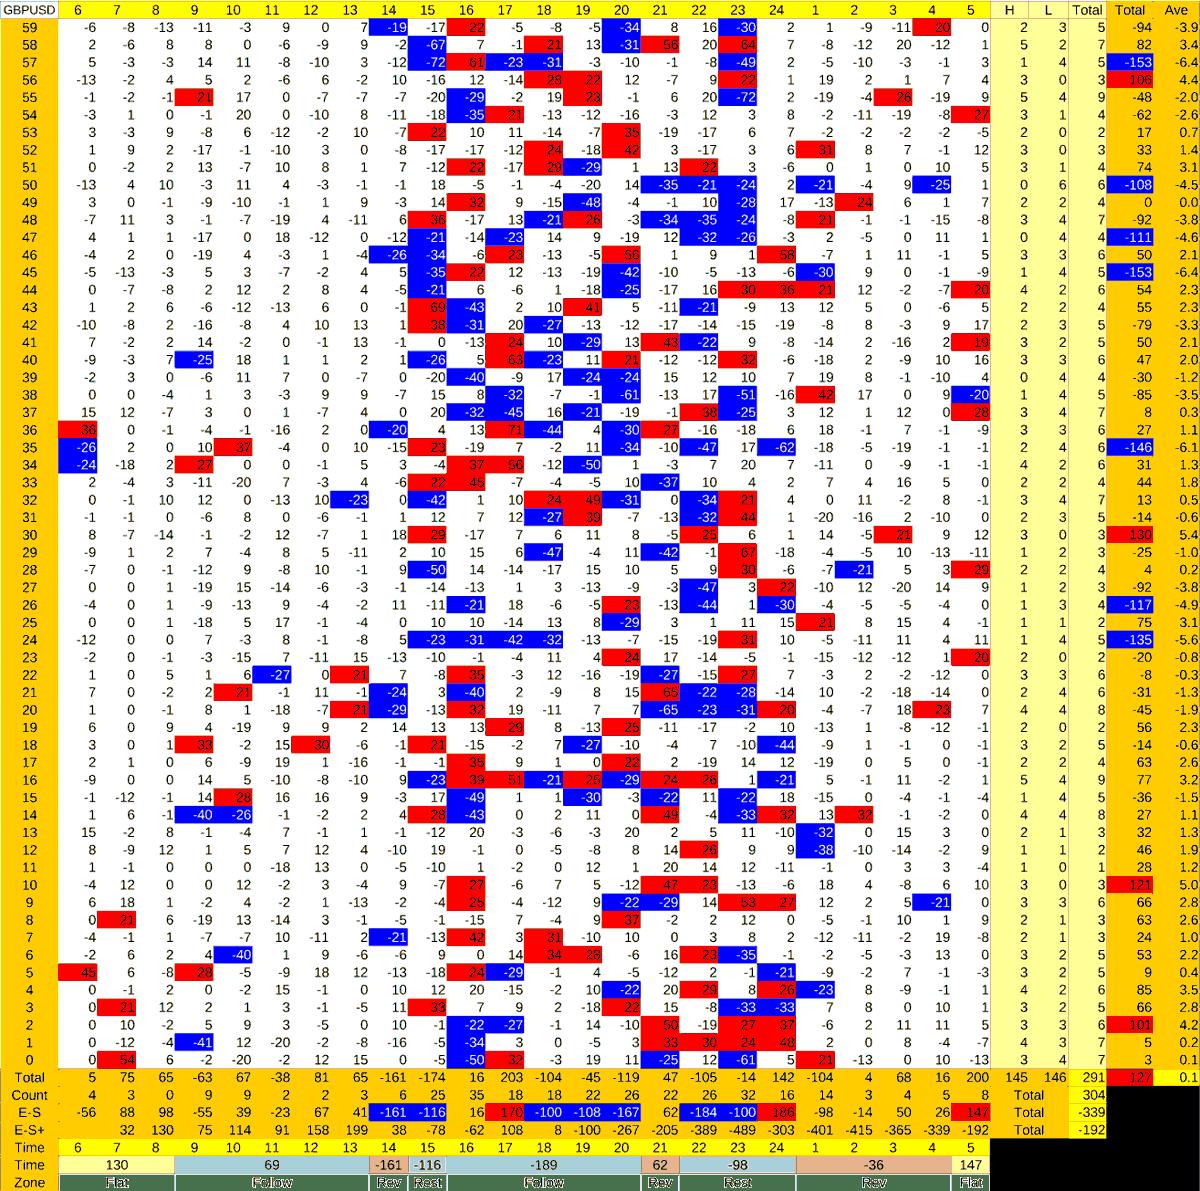 20210330_HS(2)GBPUSD-min